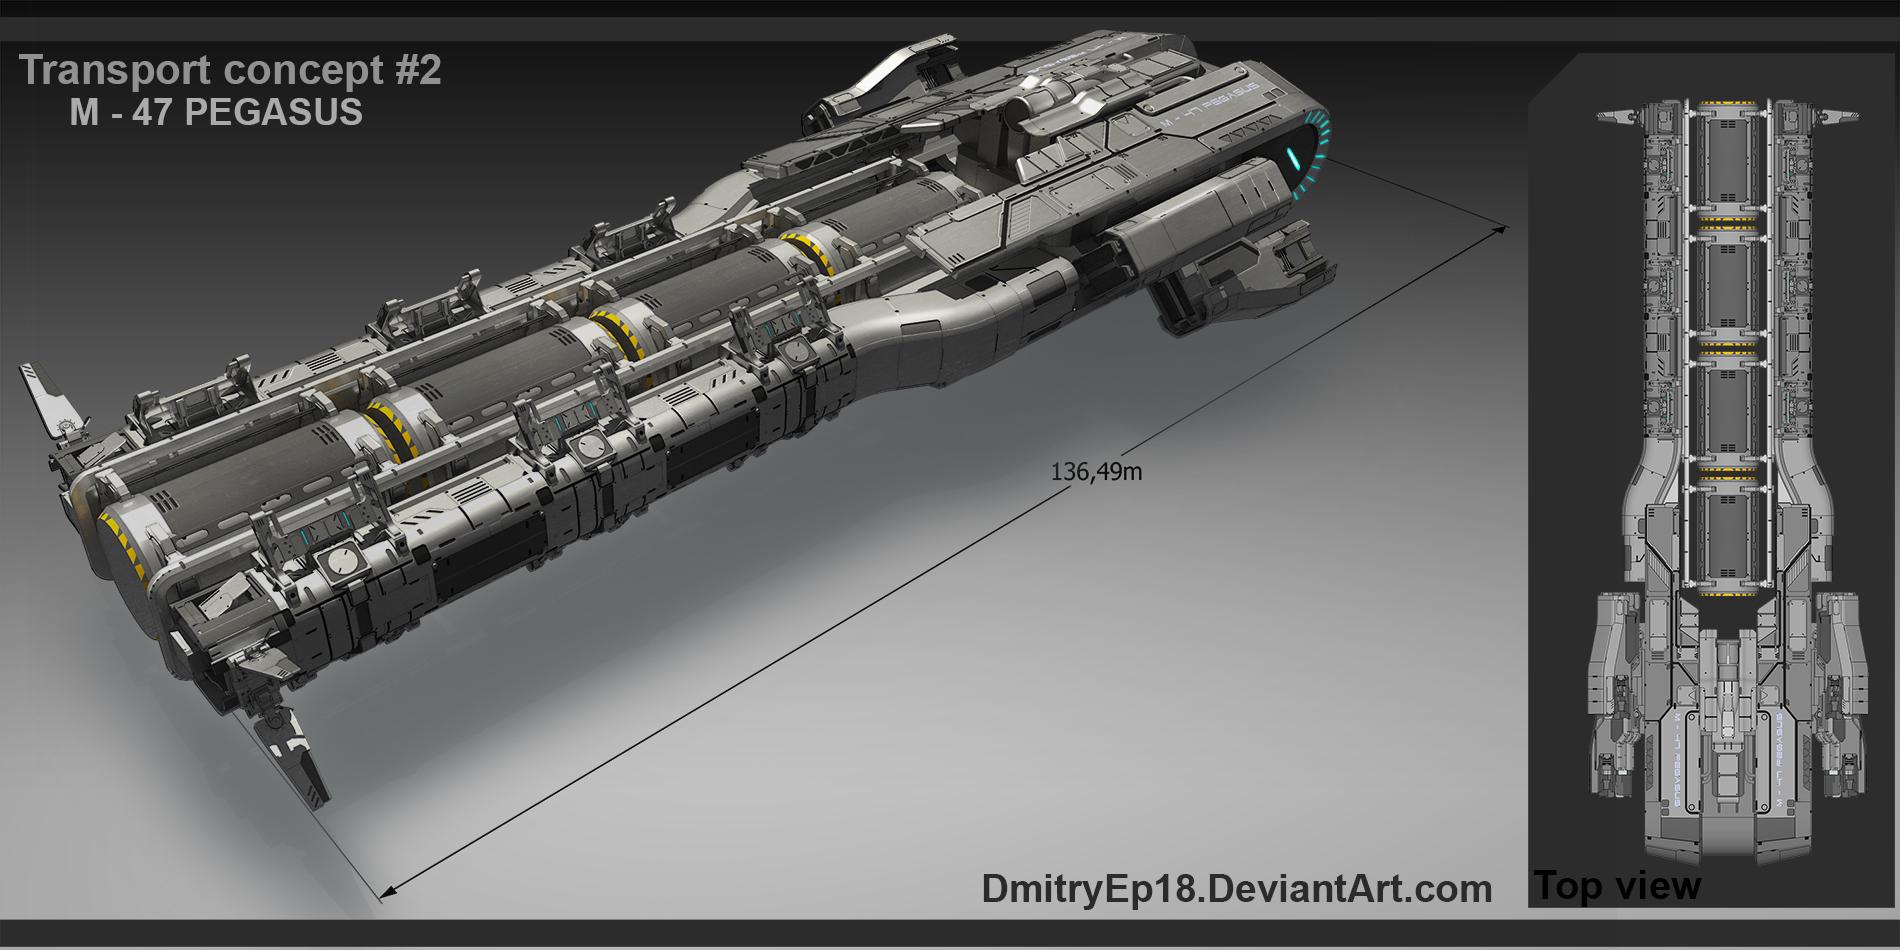 M - 47 pegasus by DmitryEp18